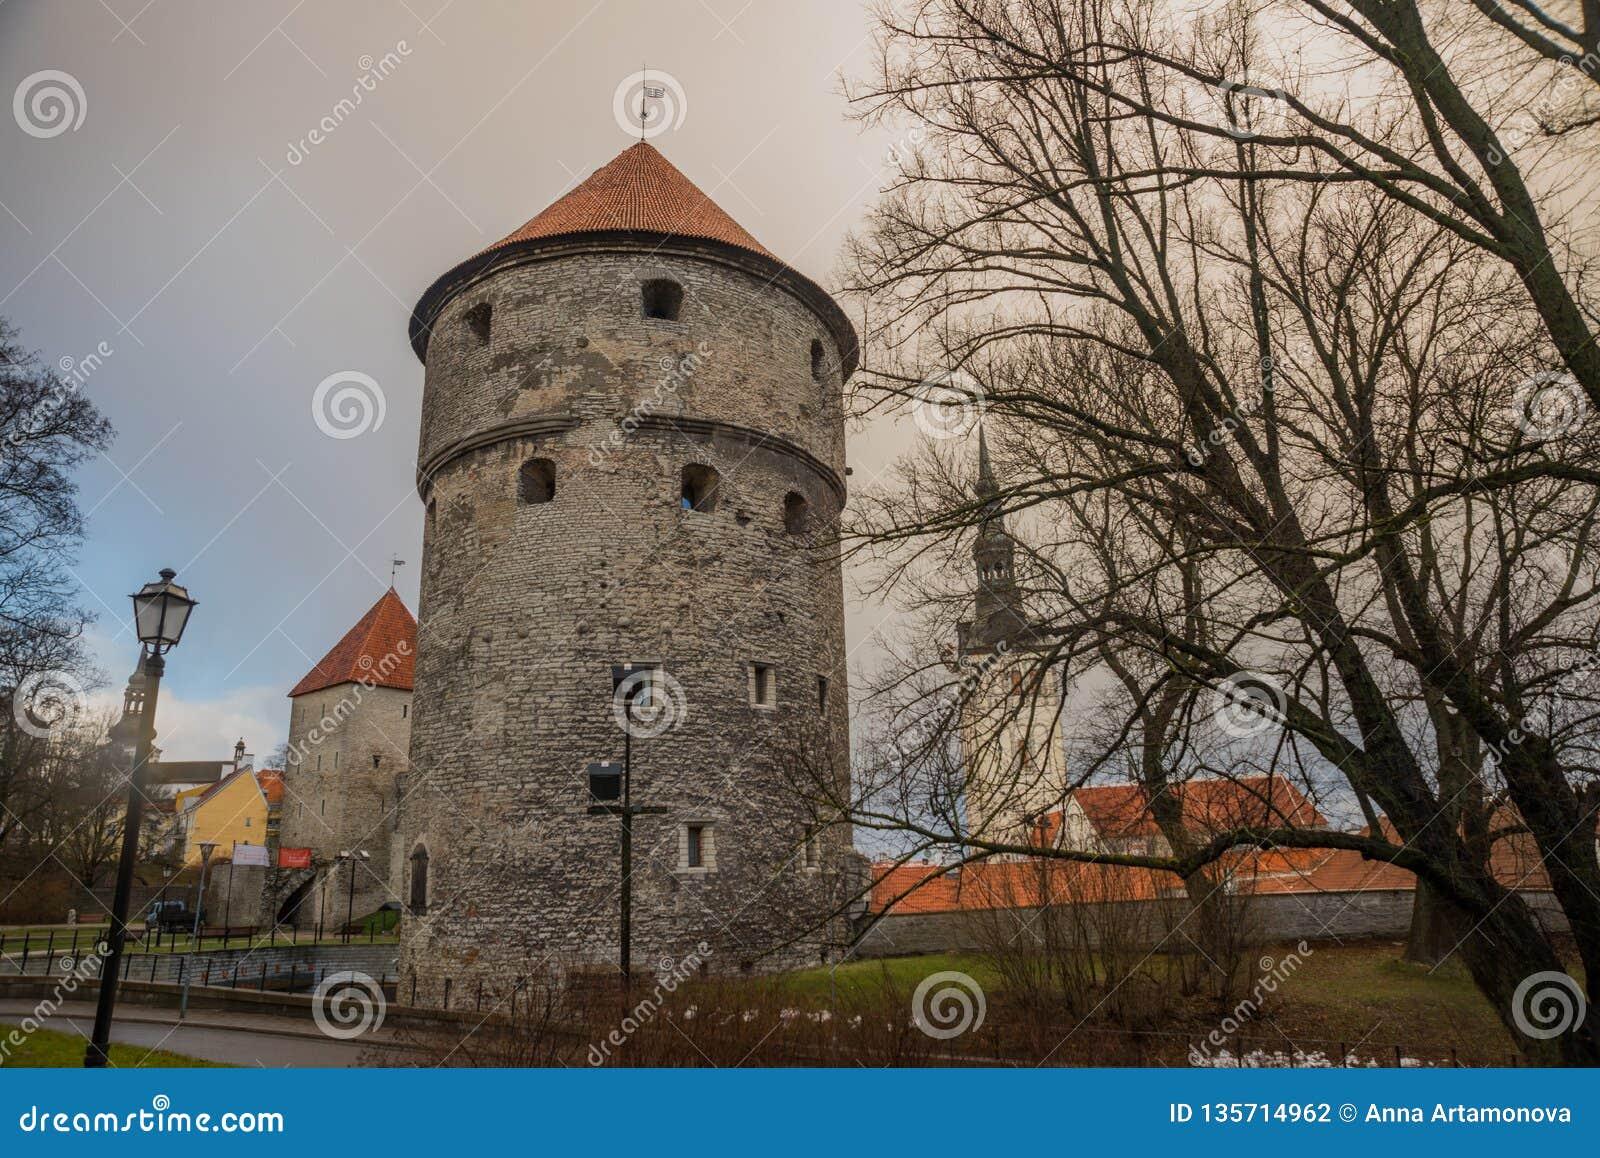 Tallinn, Estonia: St Nicholas «kościół, Niguliste kirik Kiek w De Kok Muzeum i bastionów tunelach w średniowiecznej Tallinn defen